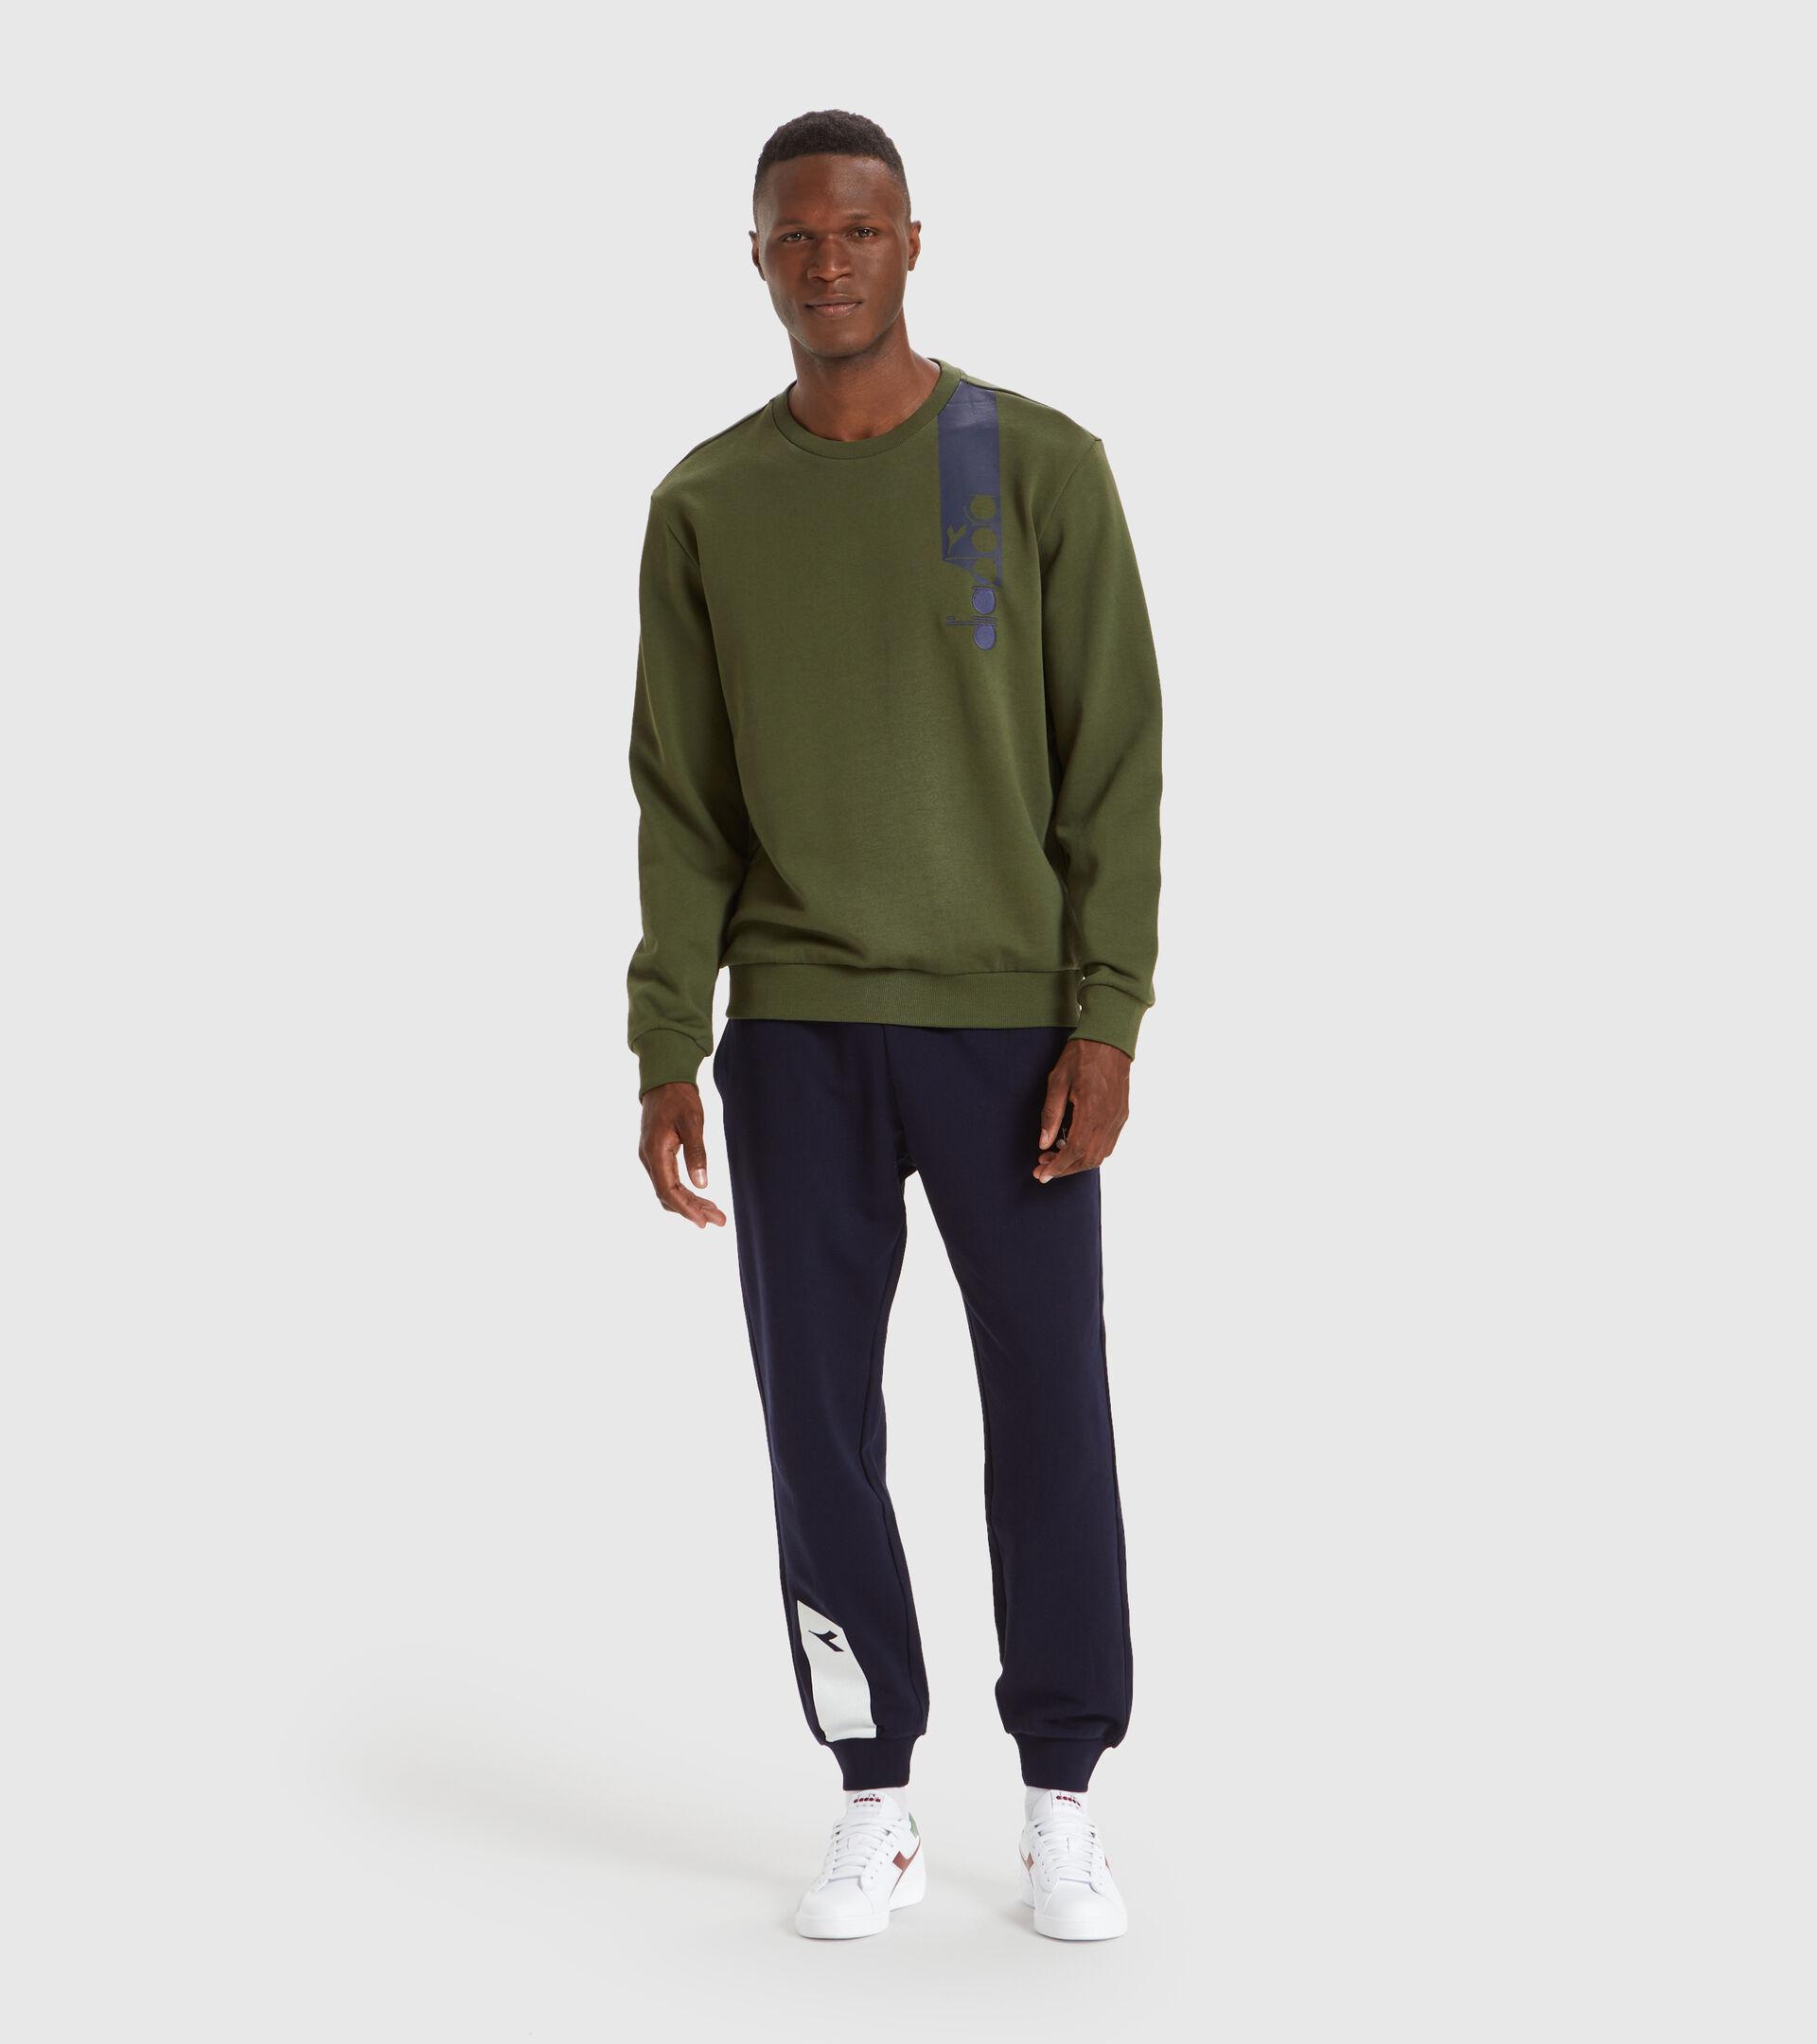 Apparel Sportswear UOMO SWEATSHIRT CREW ICON VERDE CIPRESSO Diadora